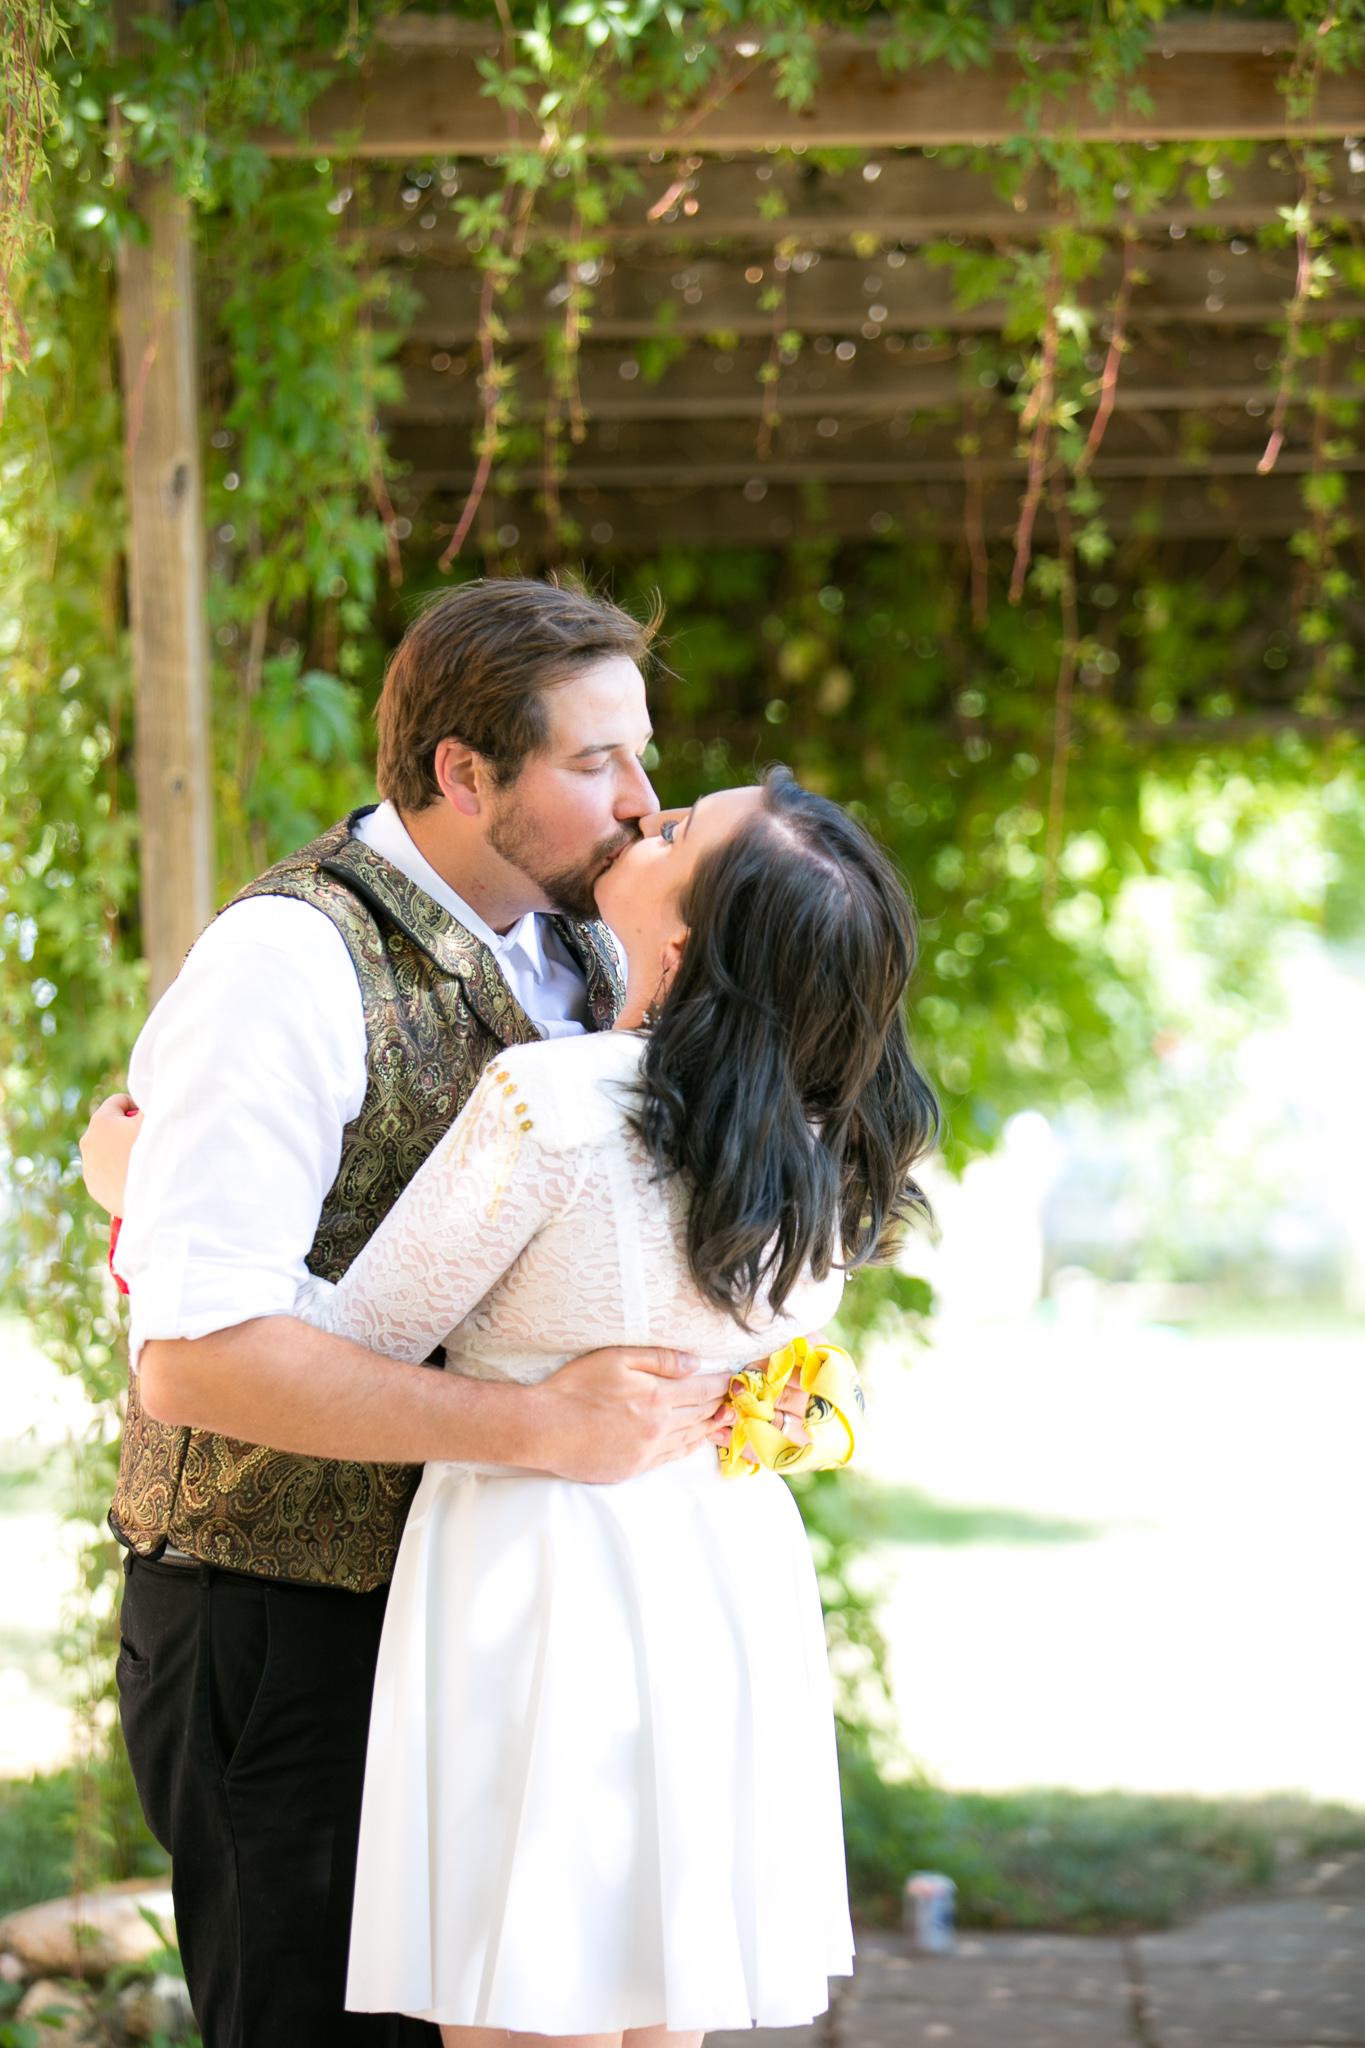 Liana&Steve-WEB-160723-027.jpg